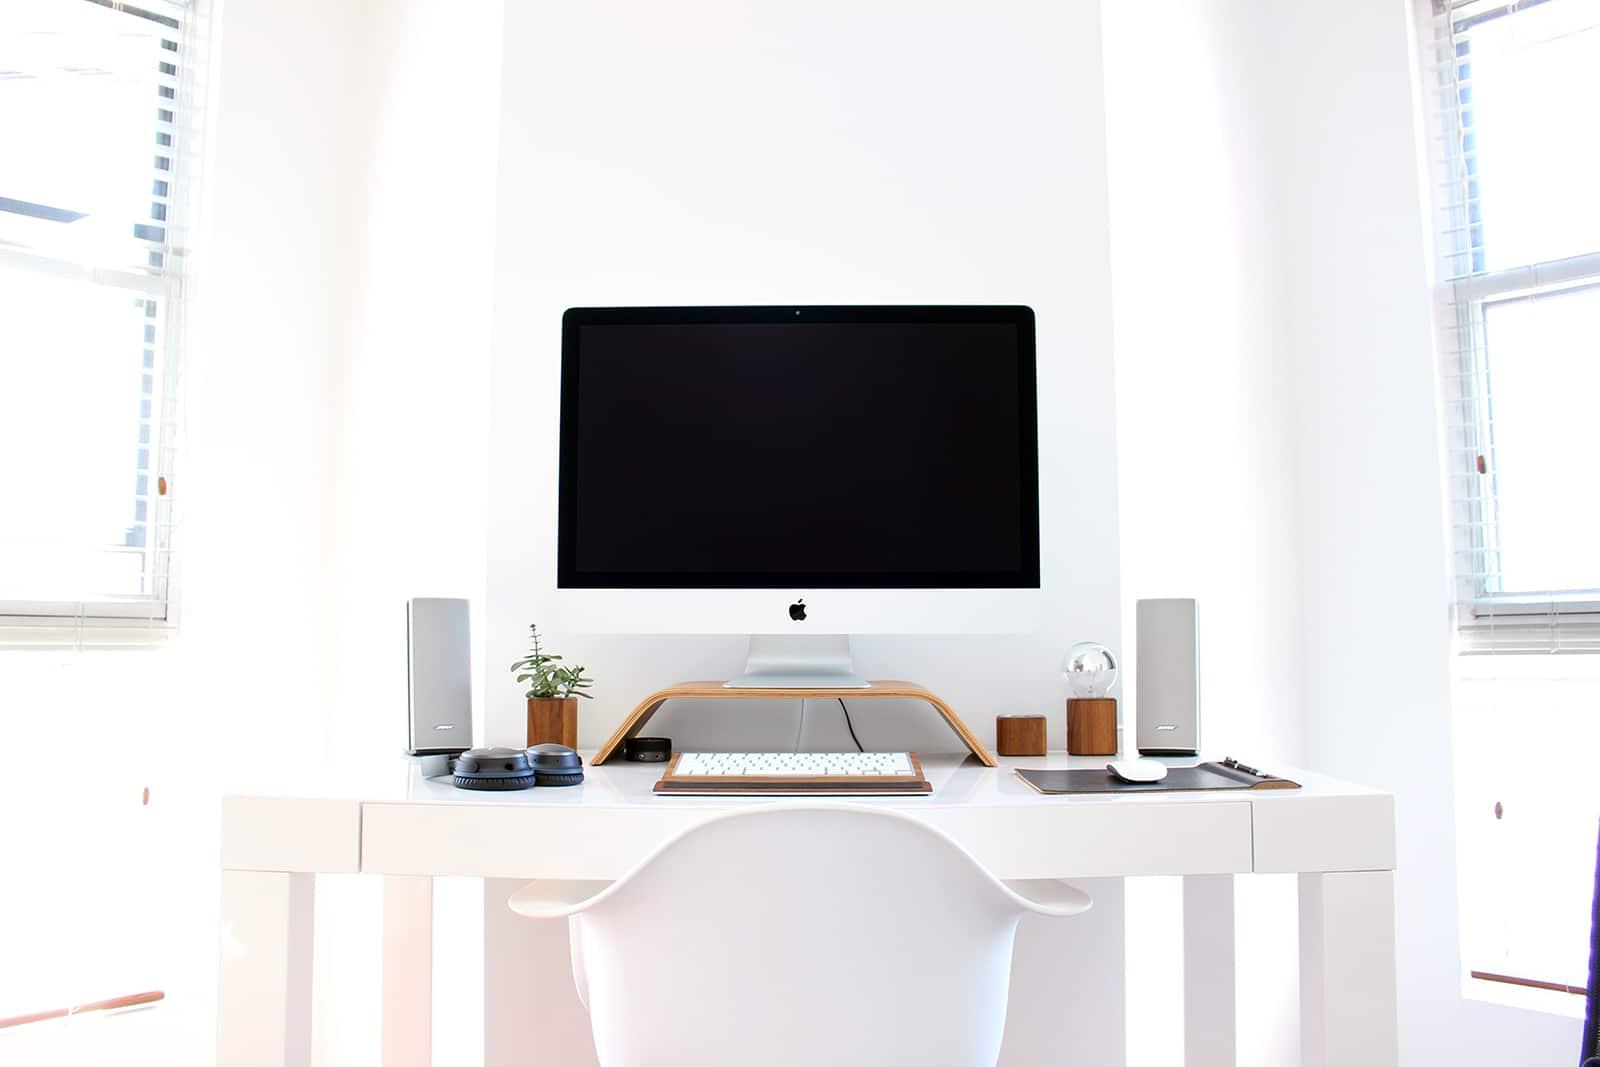 desktop computer work station for SEO